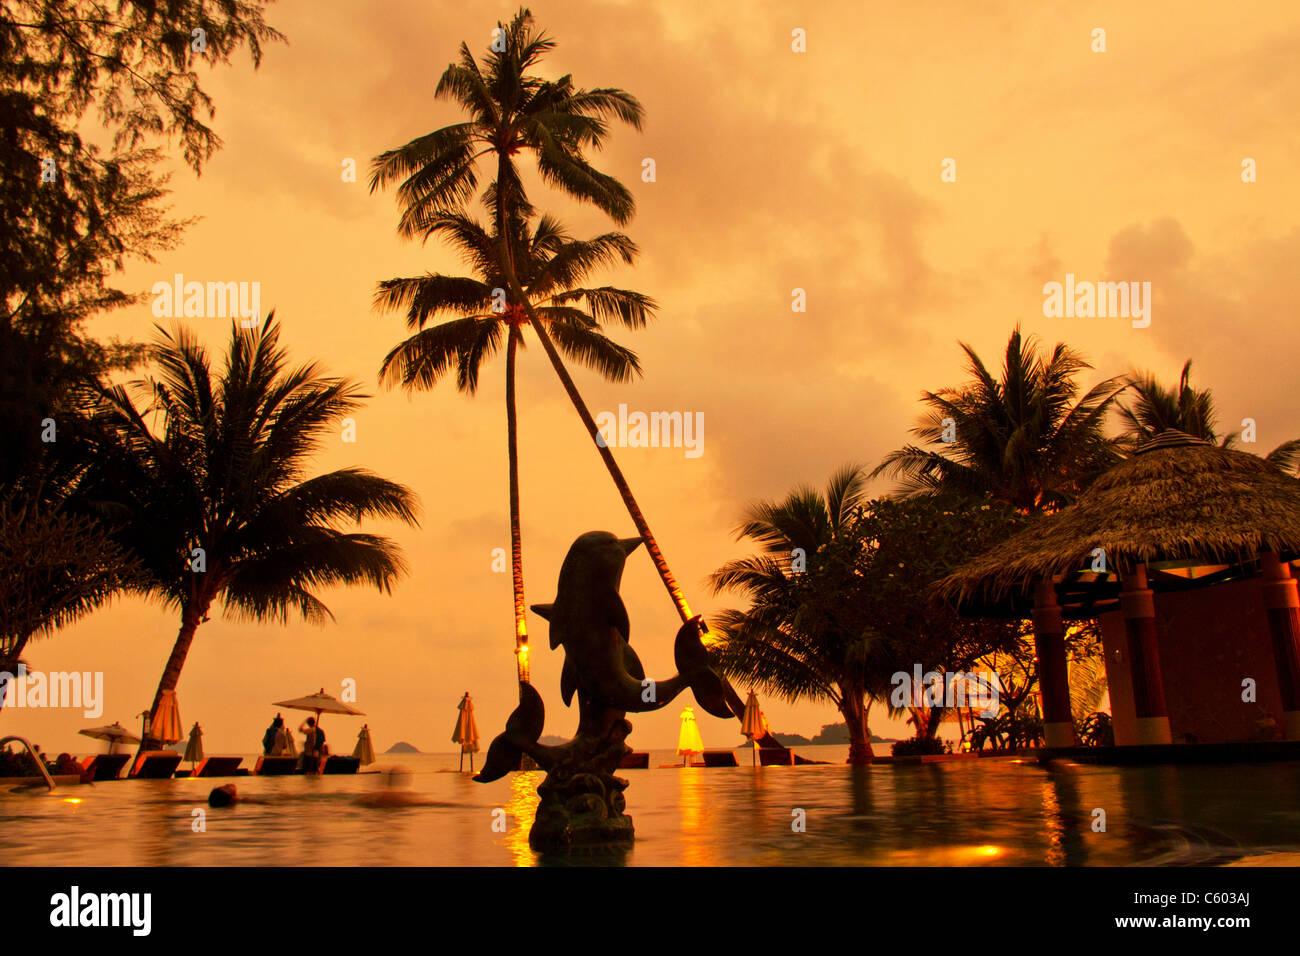 Tropicana Resort & Spa, pool at sunset, Ko Chang, Thailand, - Stock Image